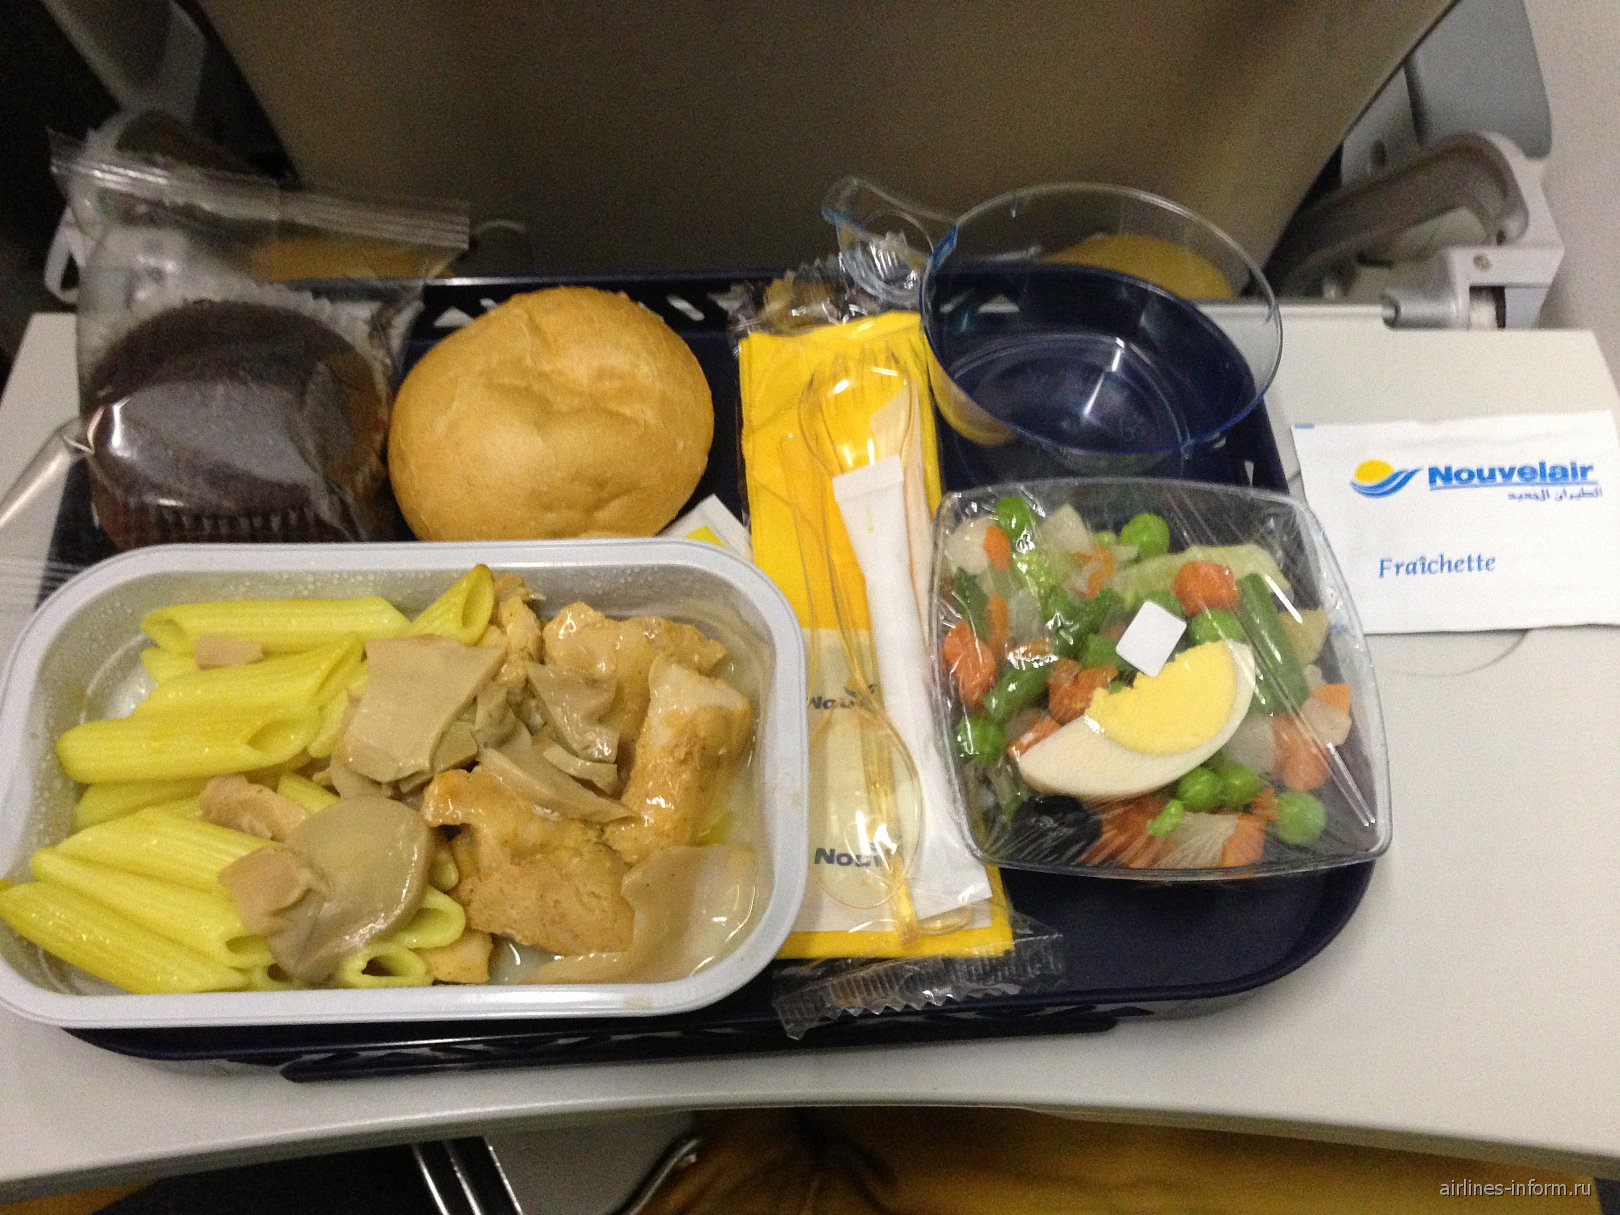 Питание на рейсе авиакомпании Nouvelair Энфида-Санкт-Петербург